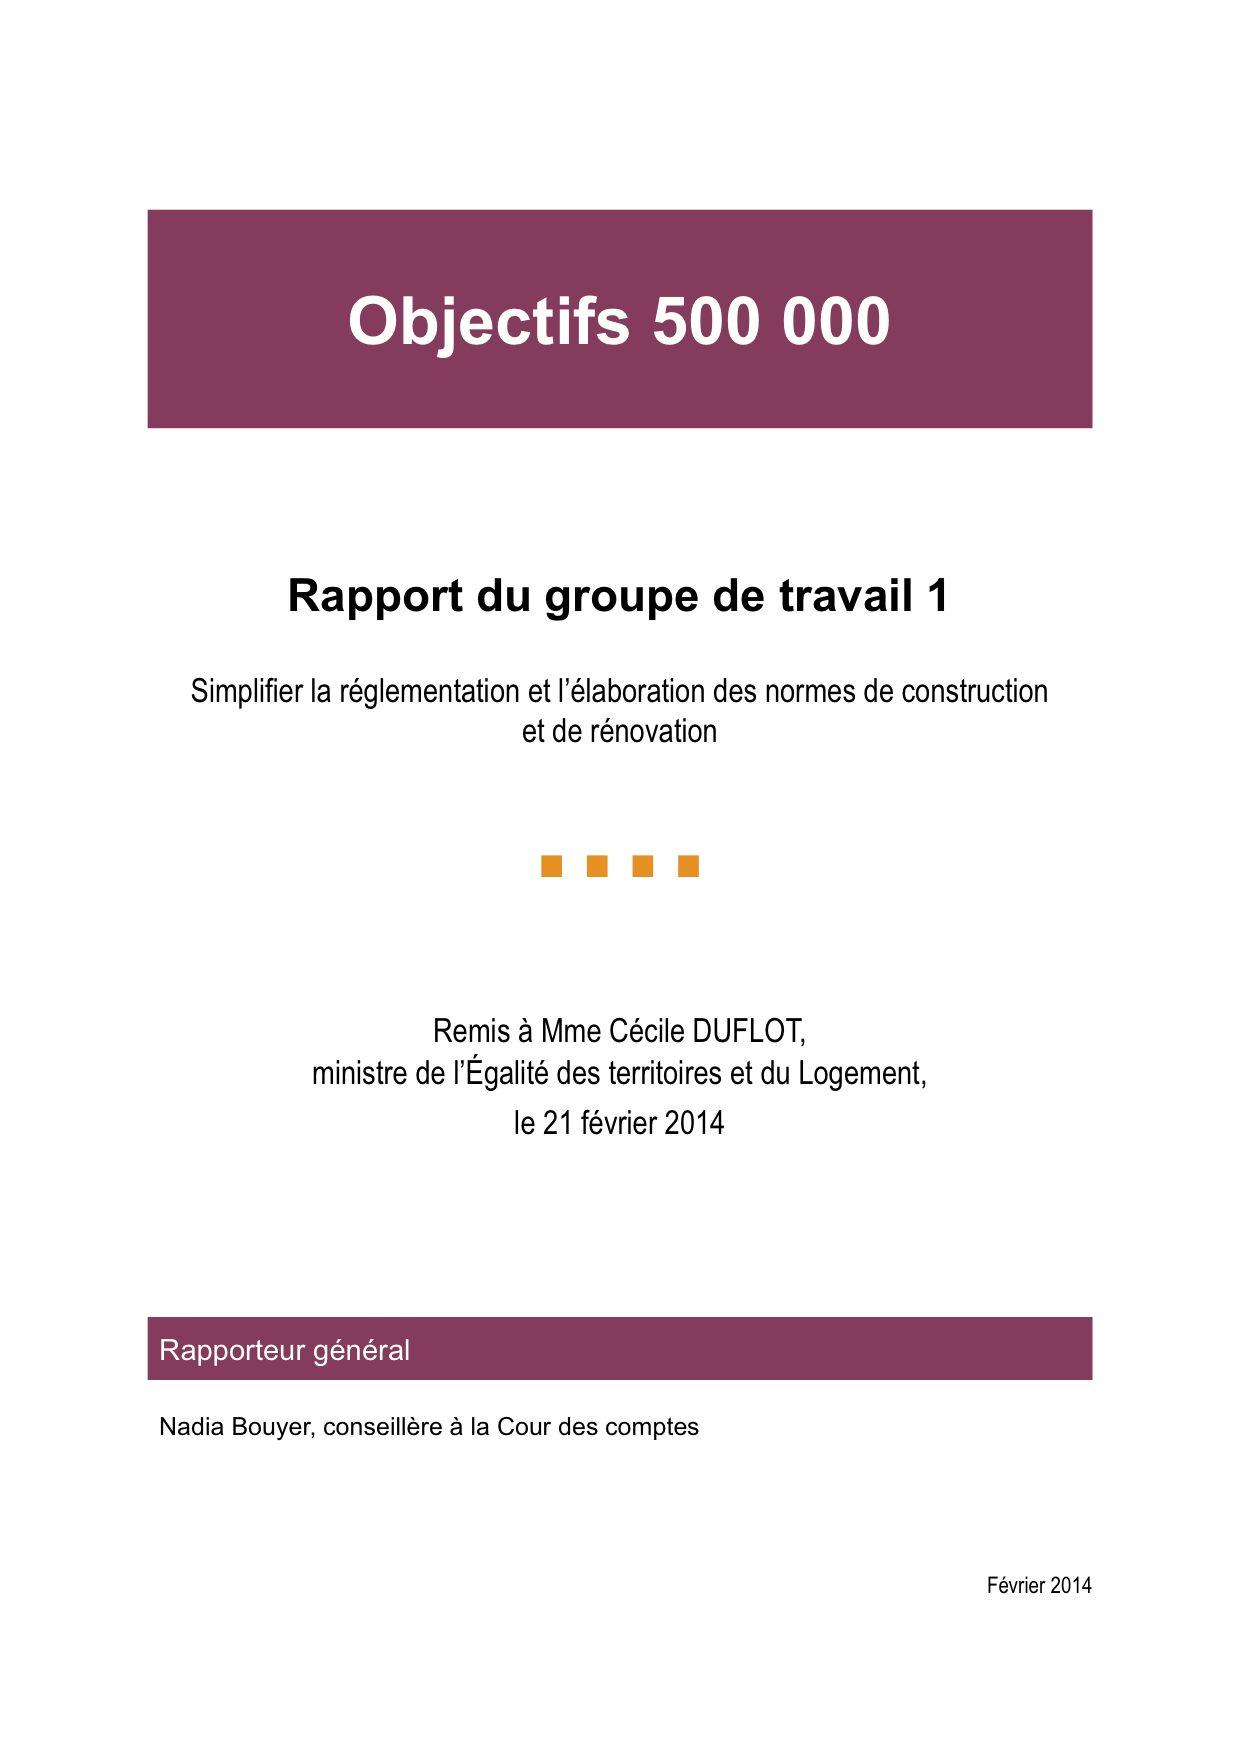 couverture rapport 500 000